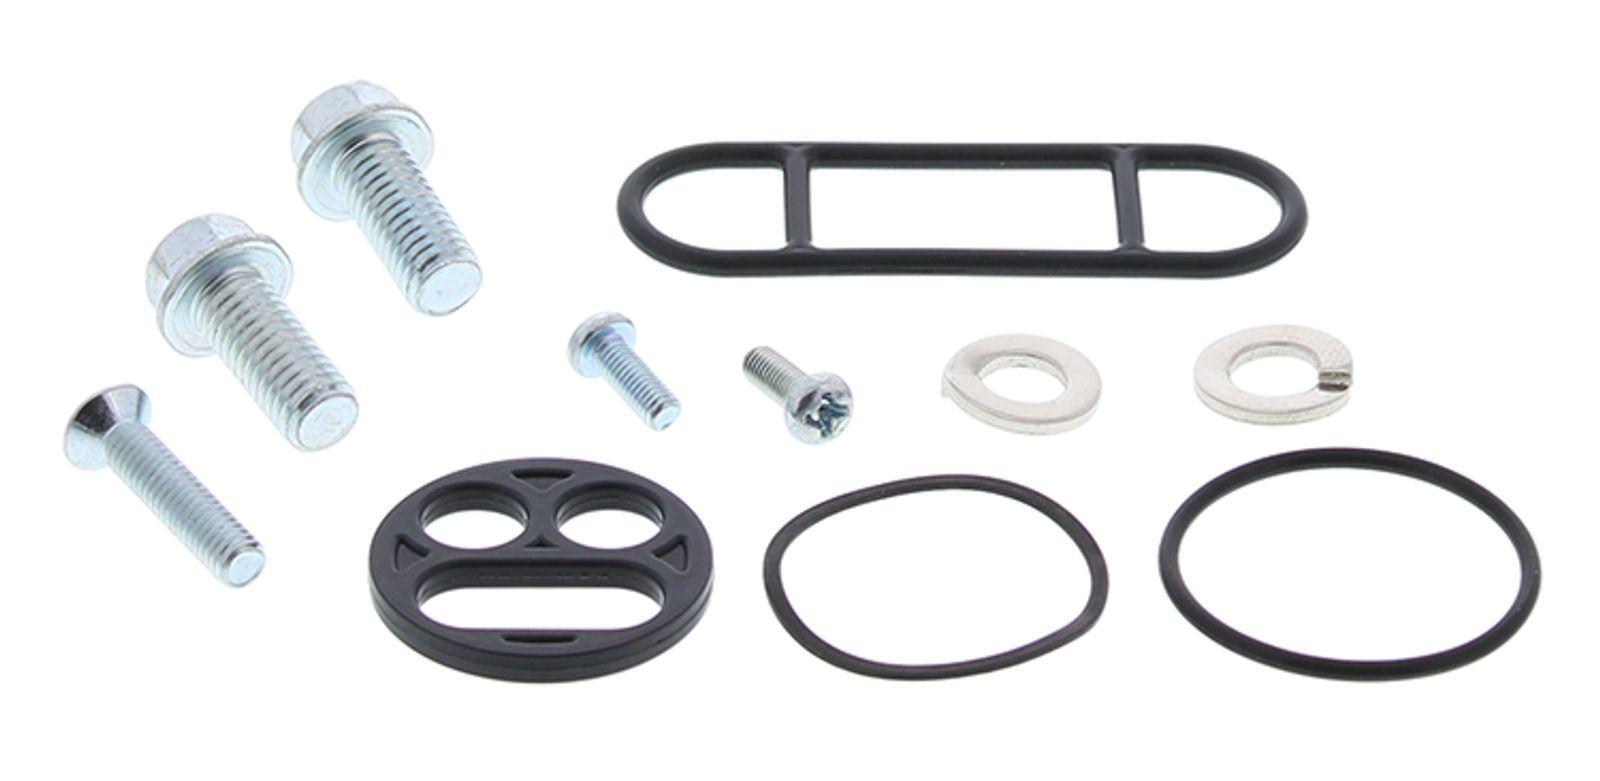 Wrp Fuel Tap Repair Kits - WRP601004 image